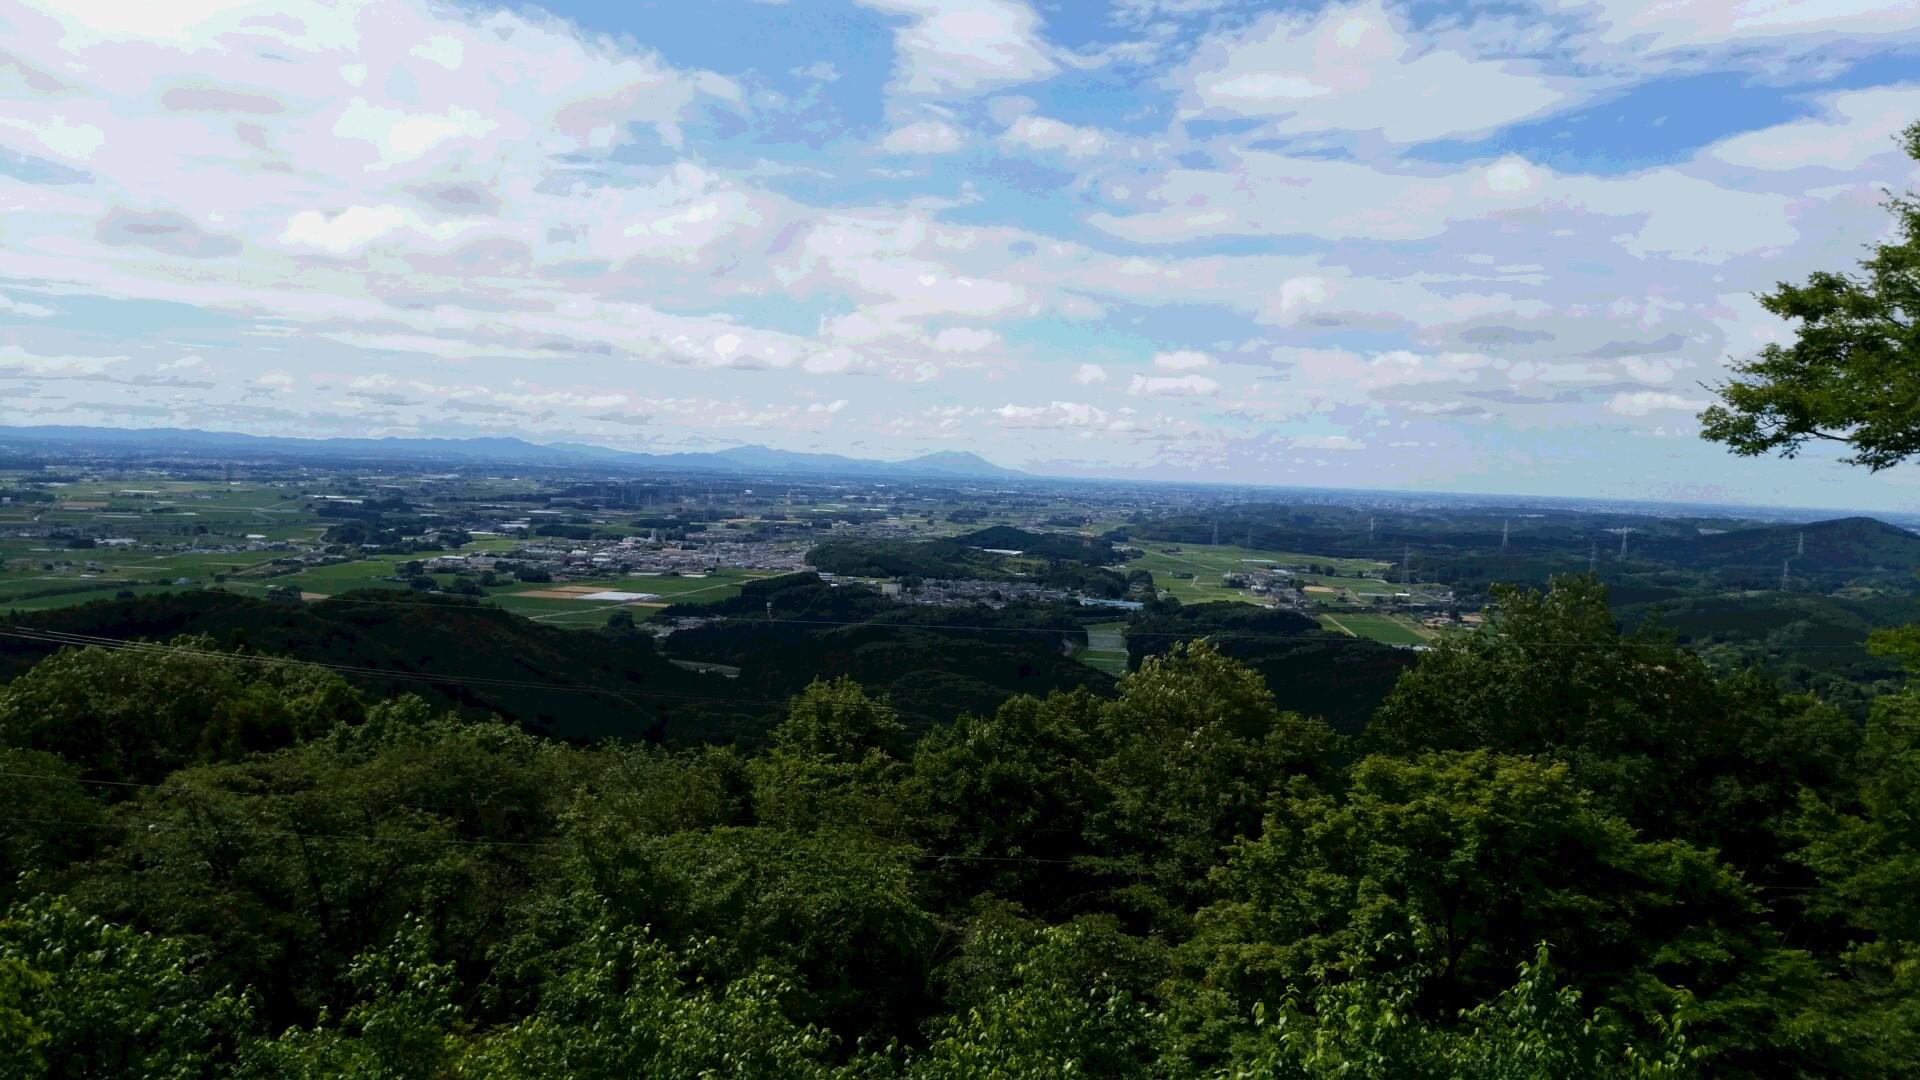 羽黒山景色